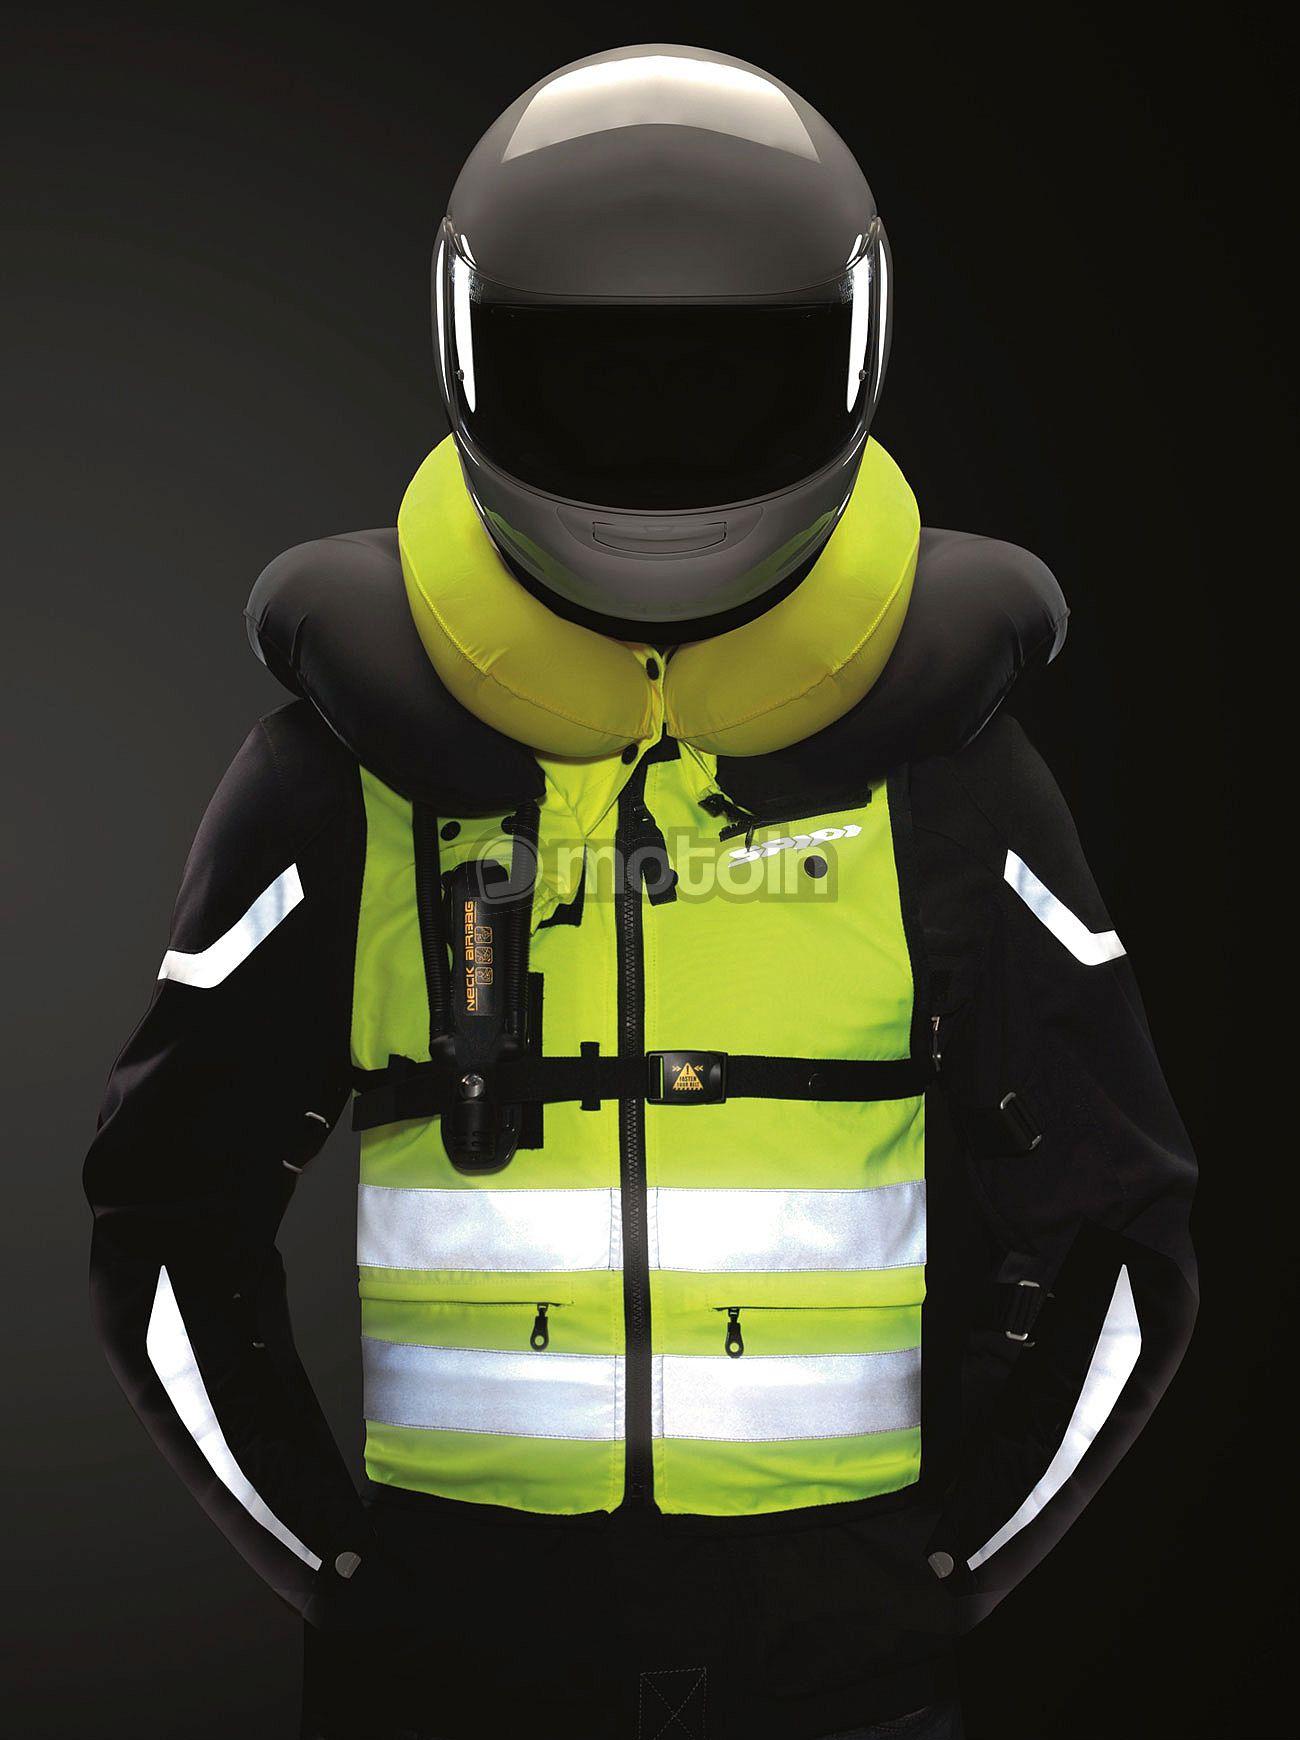 Spidi Neck DPS Airbag Tex Vest - wiederverwendbarer Airbag für Kopf und Hals auf dem Motorrad, auch für Kombi mit Höcker | Größe S, M und XL